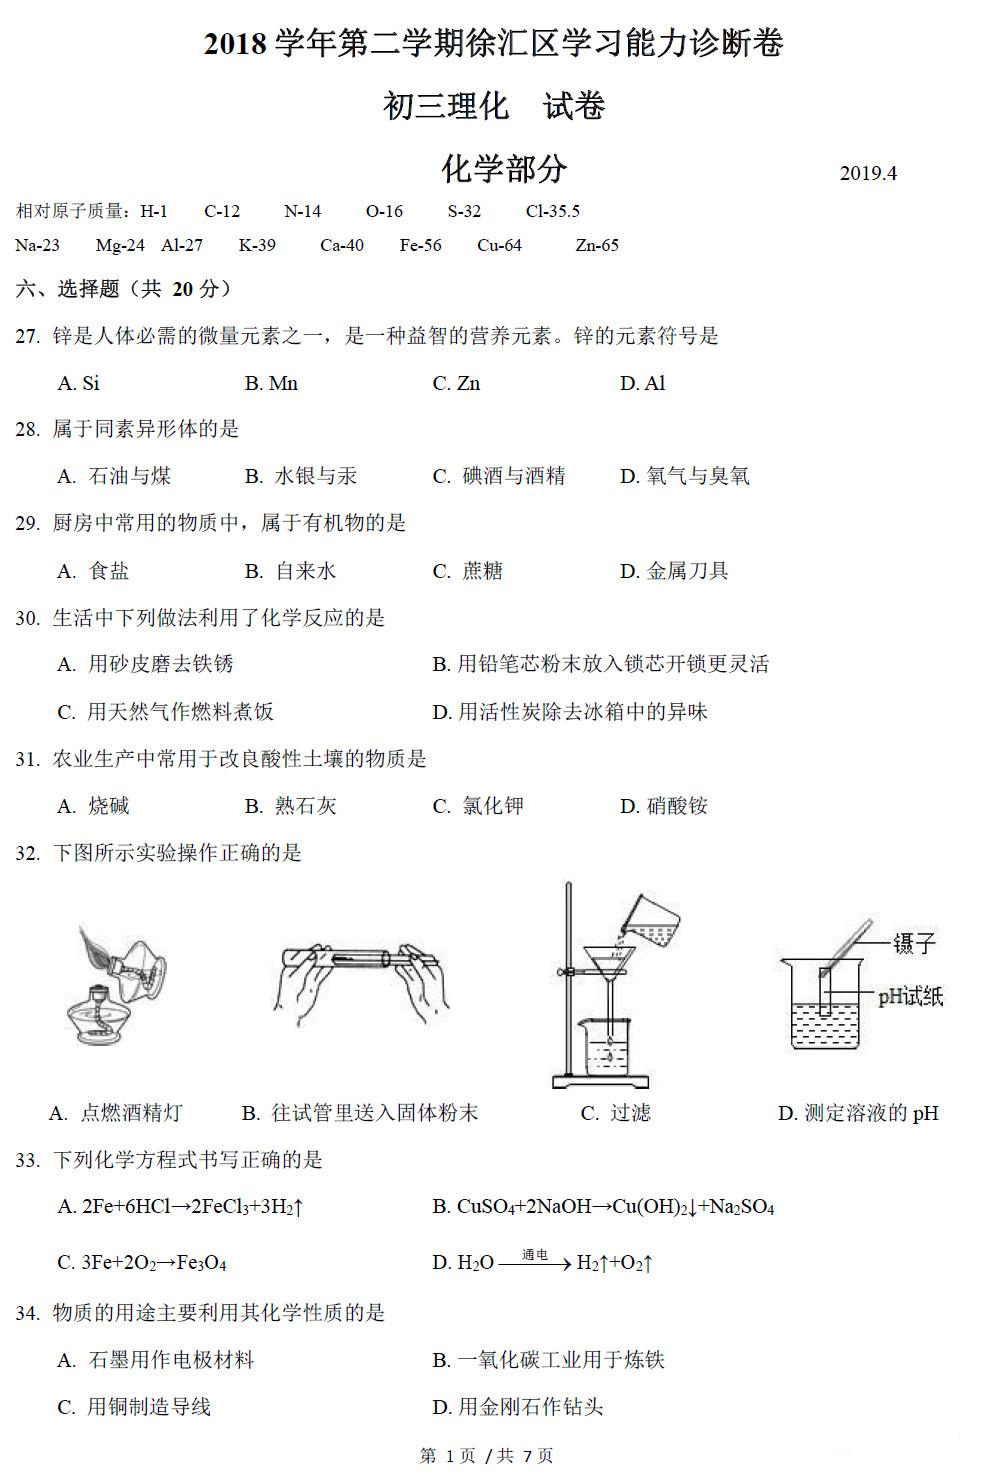 2019上海徐汇中考二模化学试题及答案